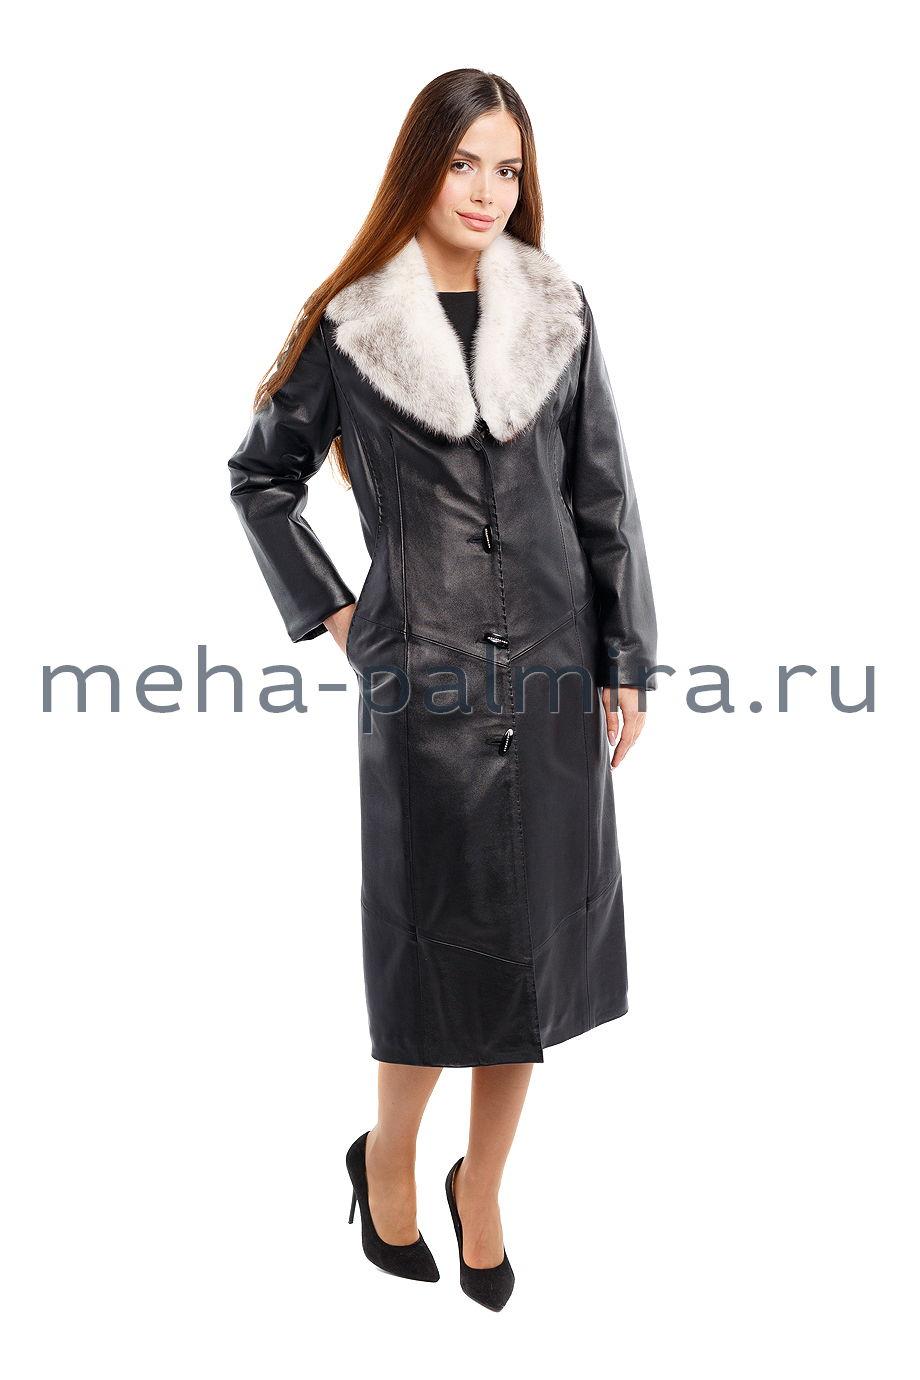 Женский кожаный плащ с мехом норки